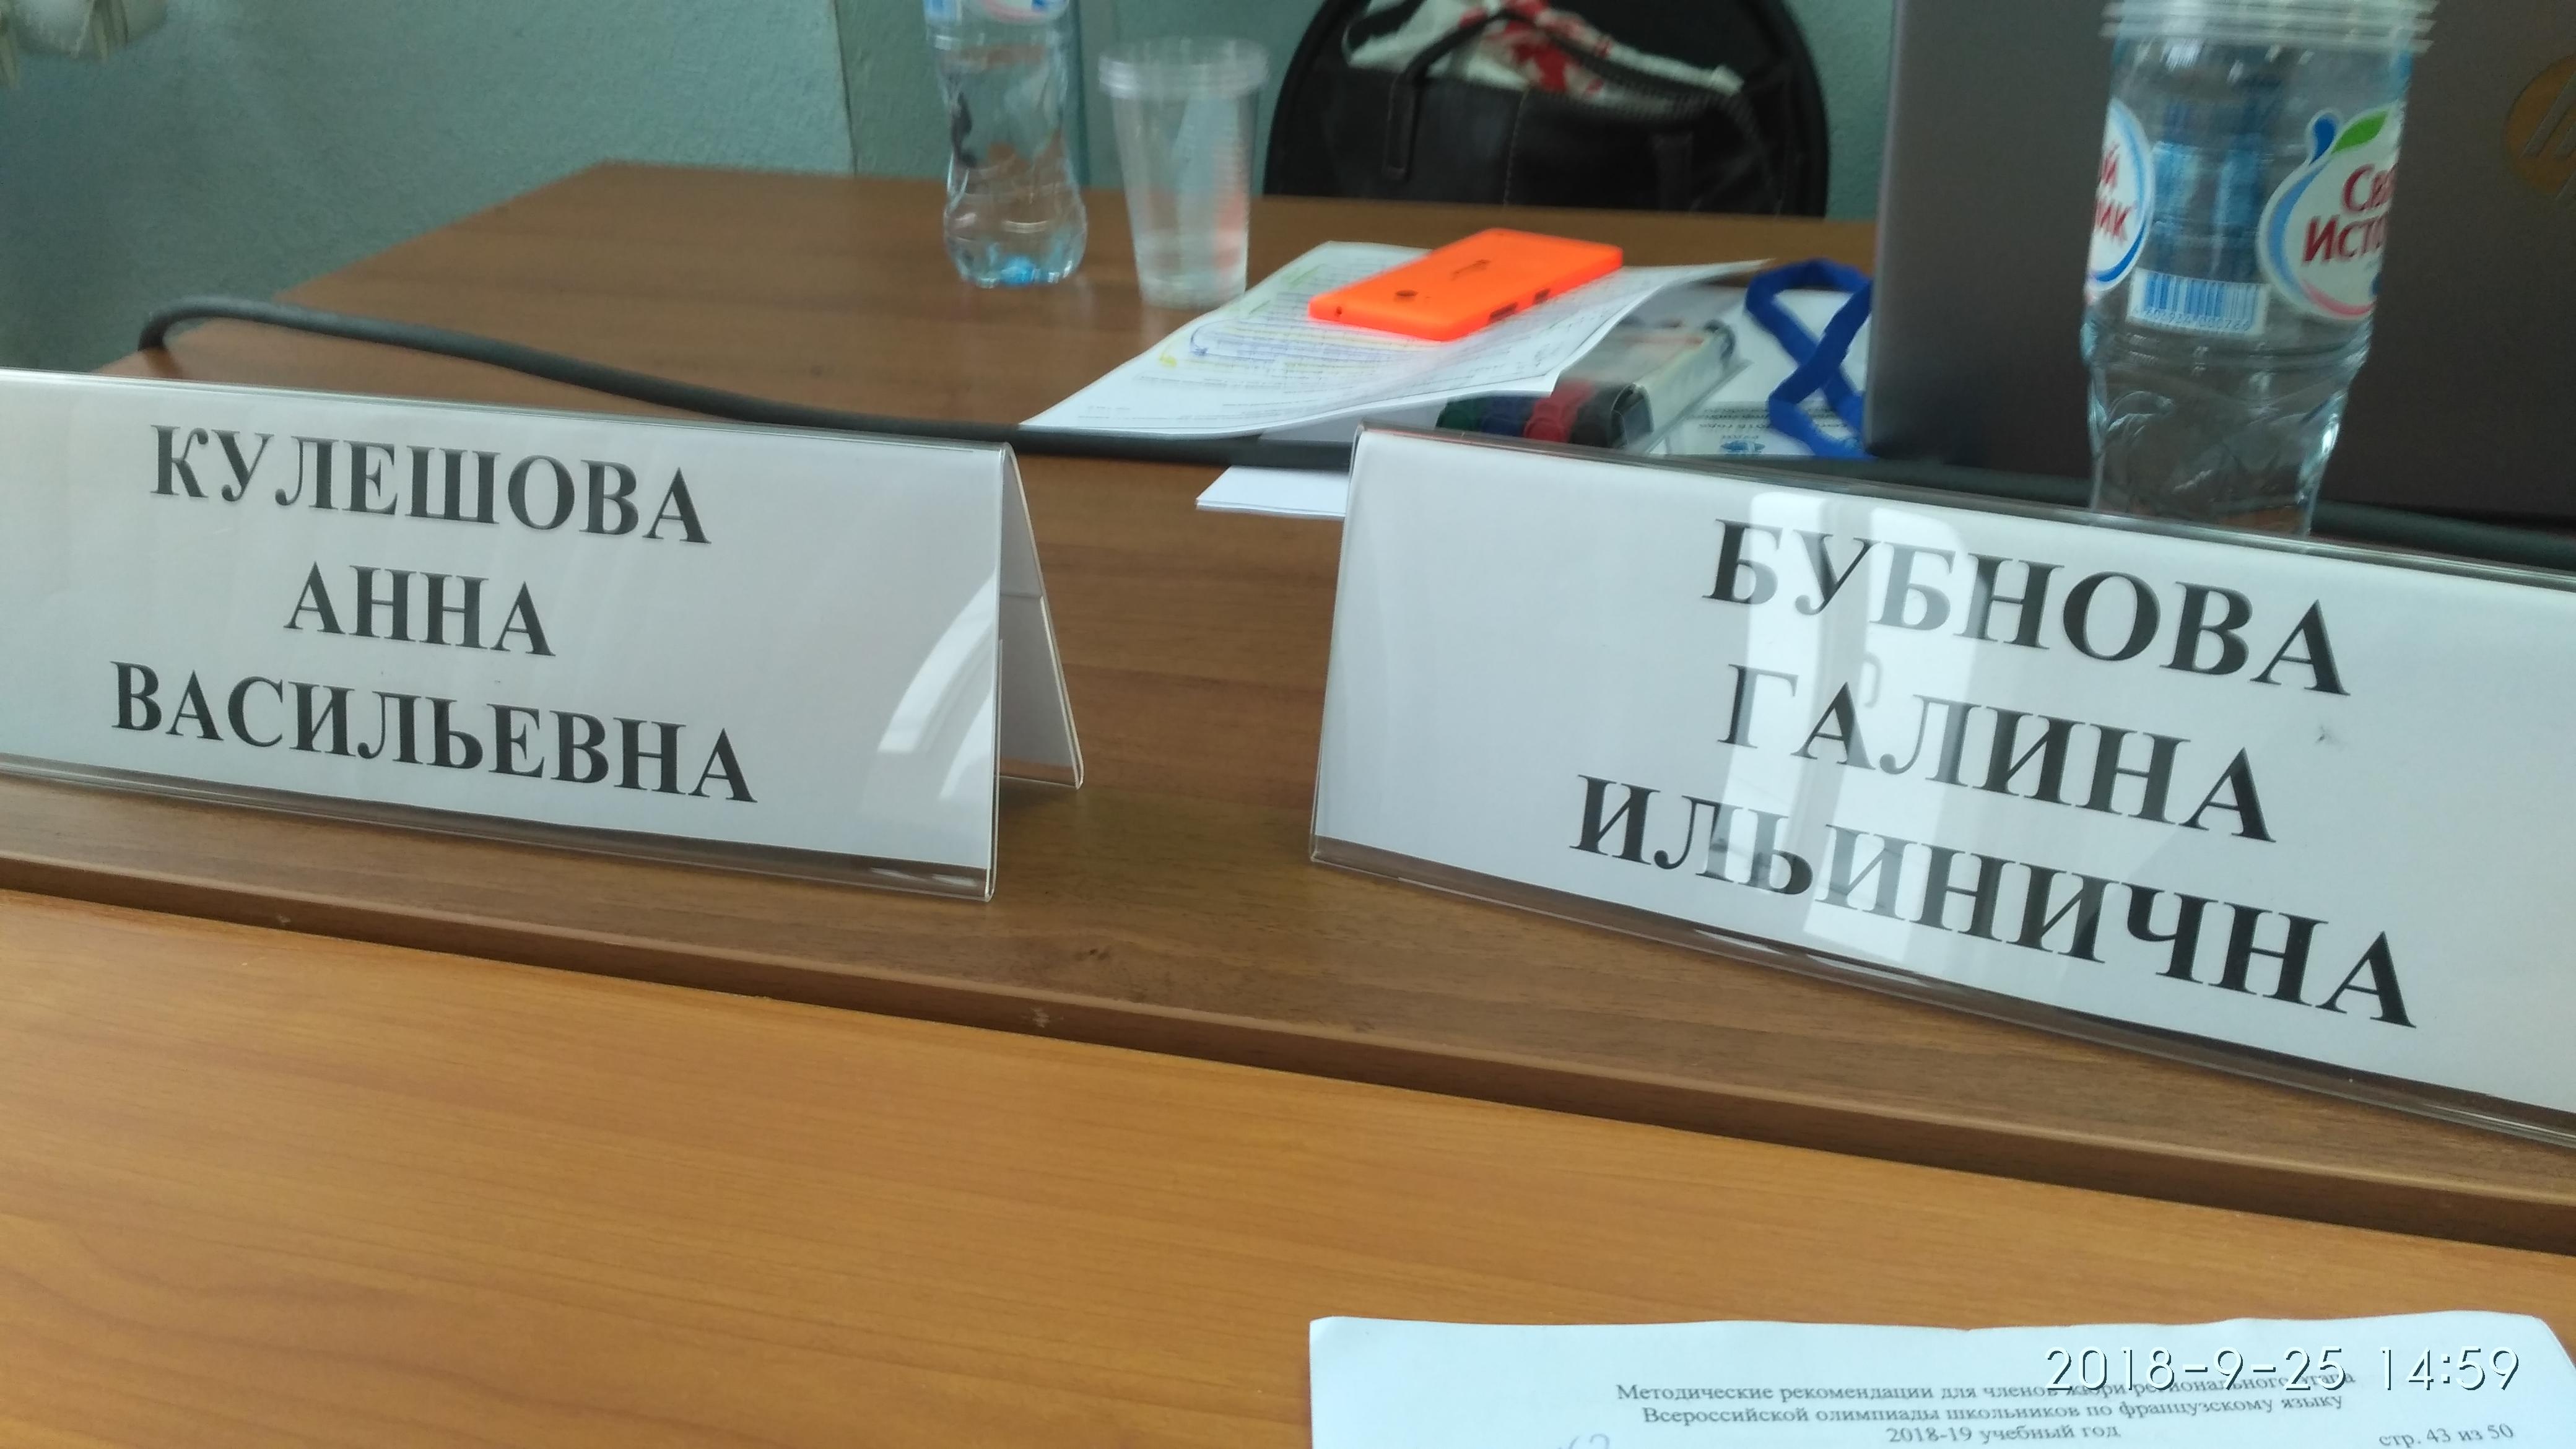 Подготовка кВсероссийской олимпиаде школьников